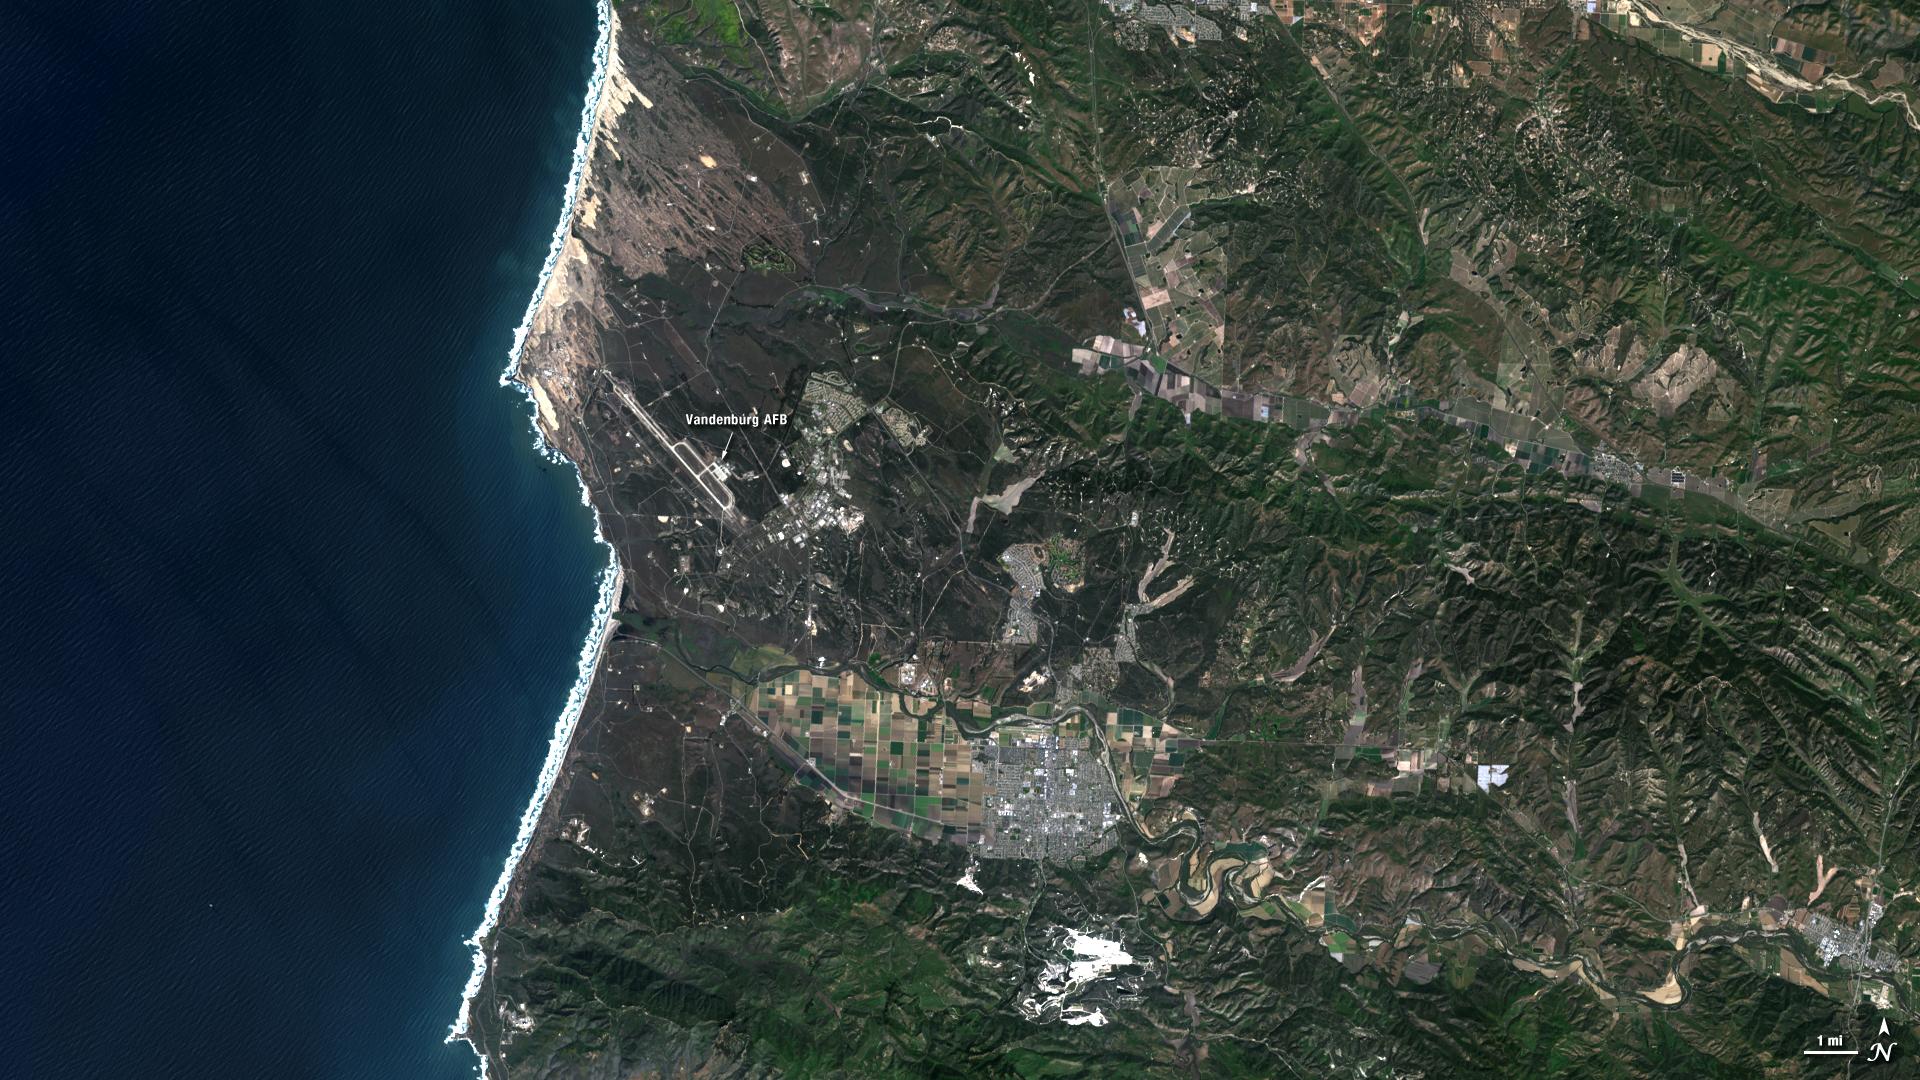 LDCM Satellite Sees Its Birthplaces NASA - Satellite view